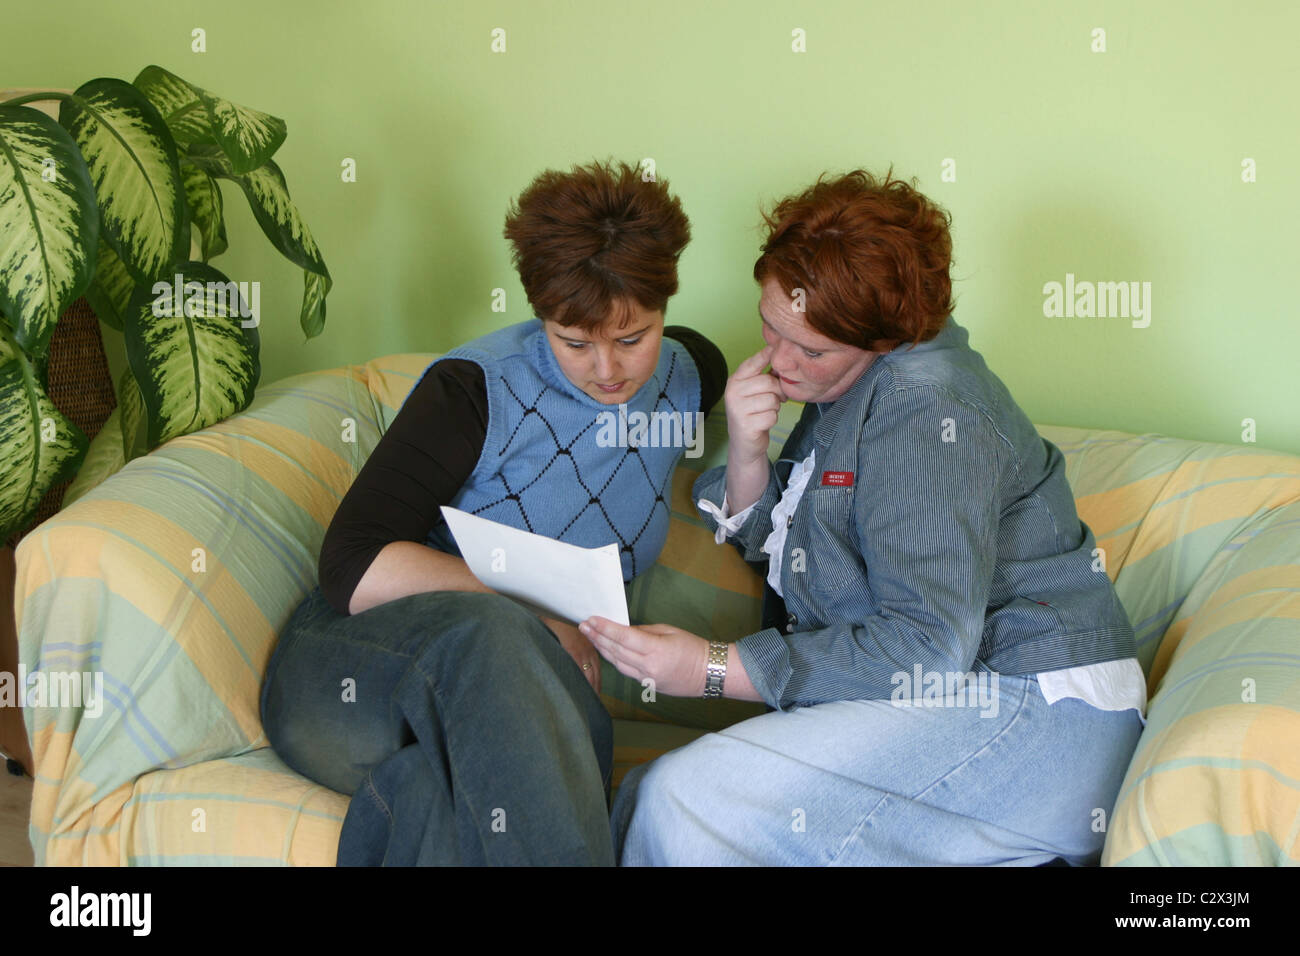 Frauen auf Sofa lesen Vertrag oder Brief auf Sofa. Th Damen suchen ...